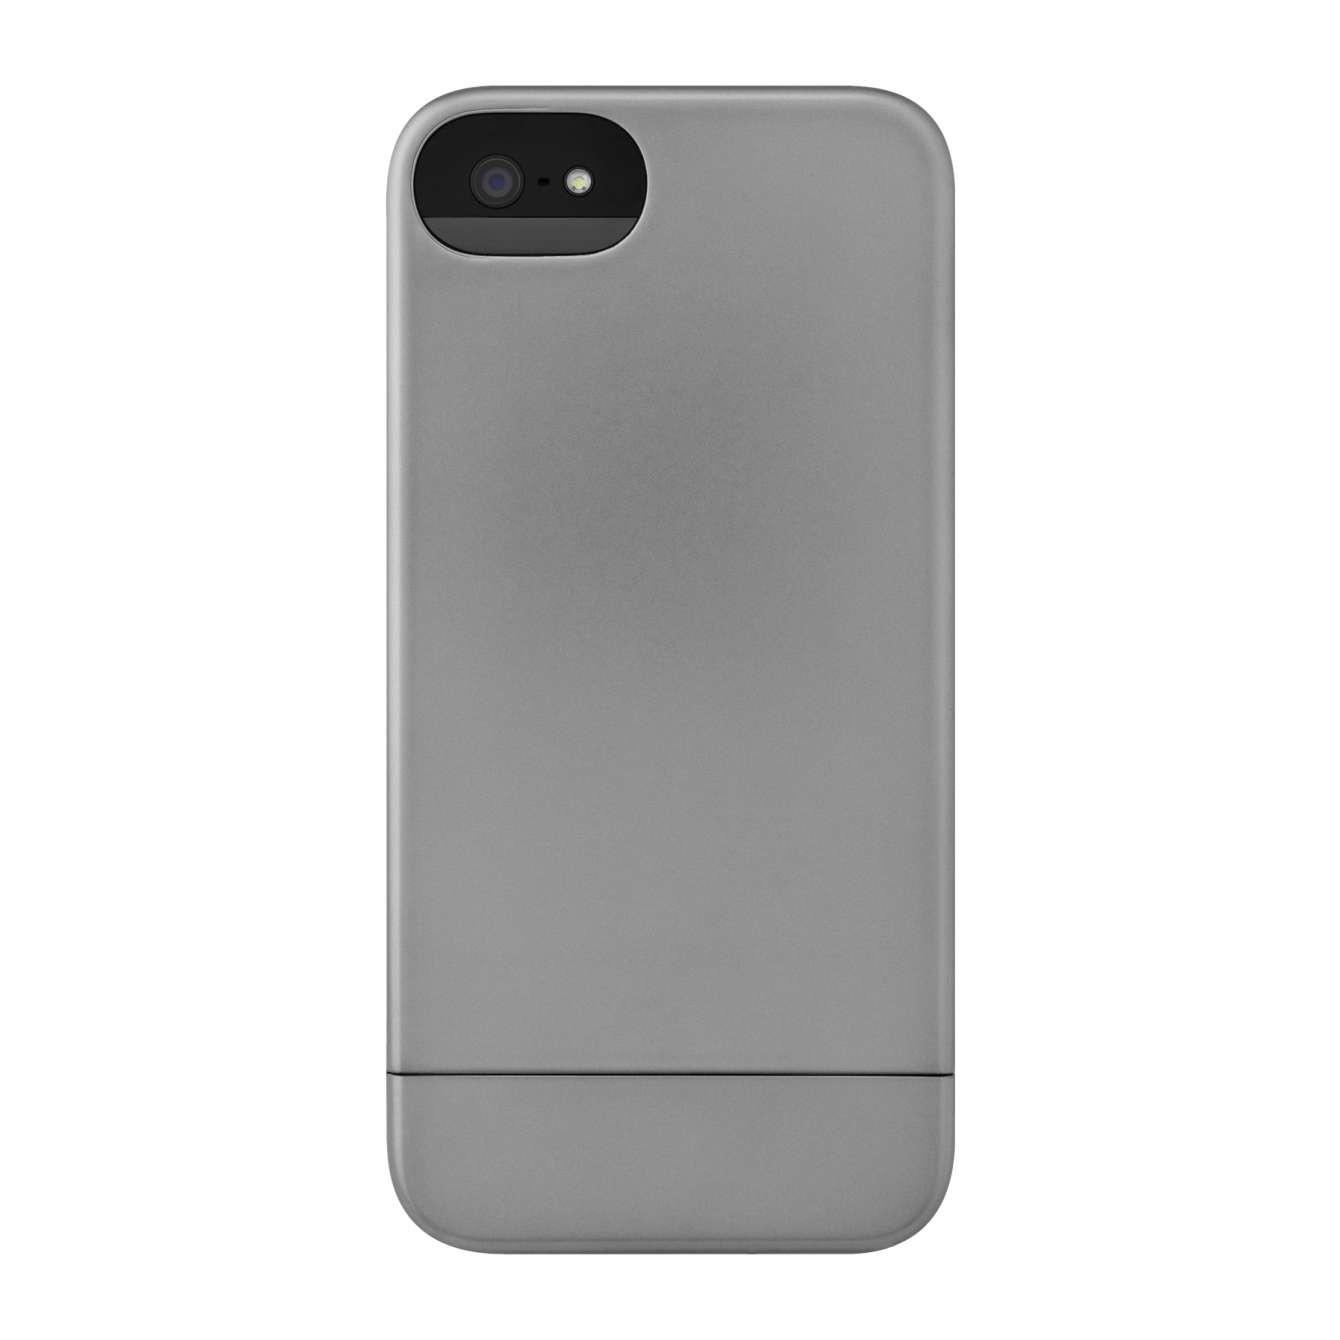 Сив кейс от две части Incase за Apple Phone 5s/SE/5 с метален завършек